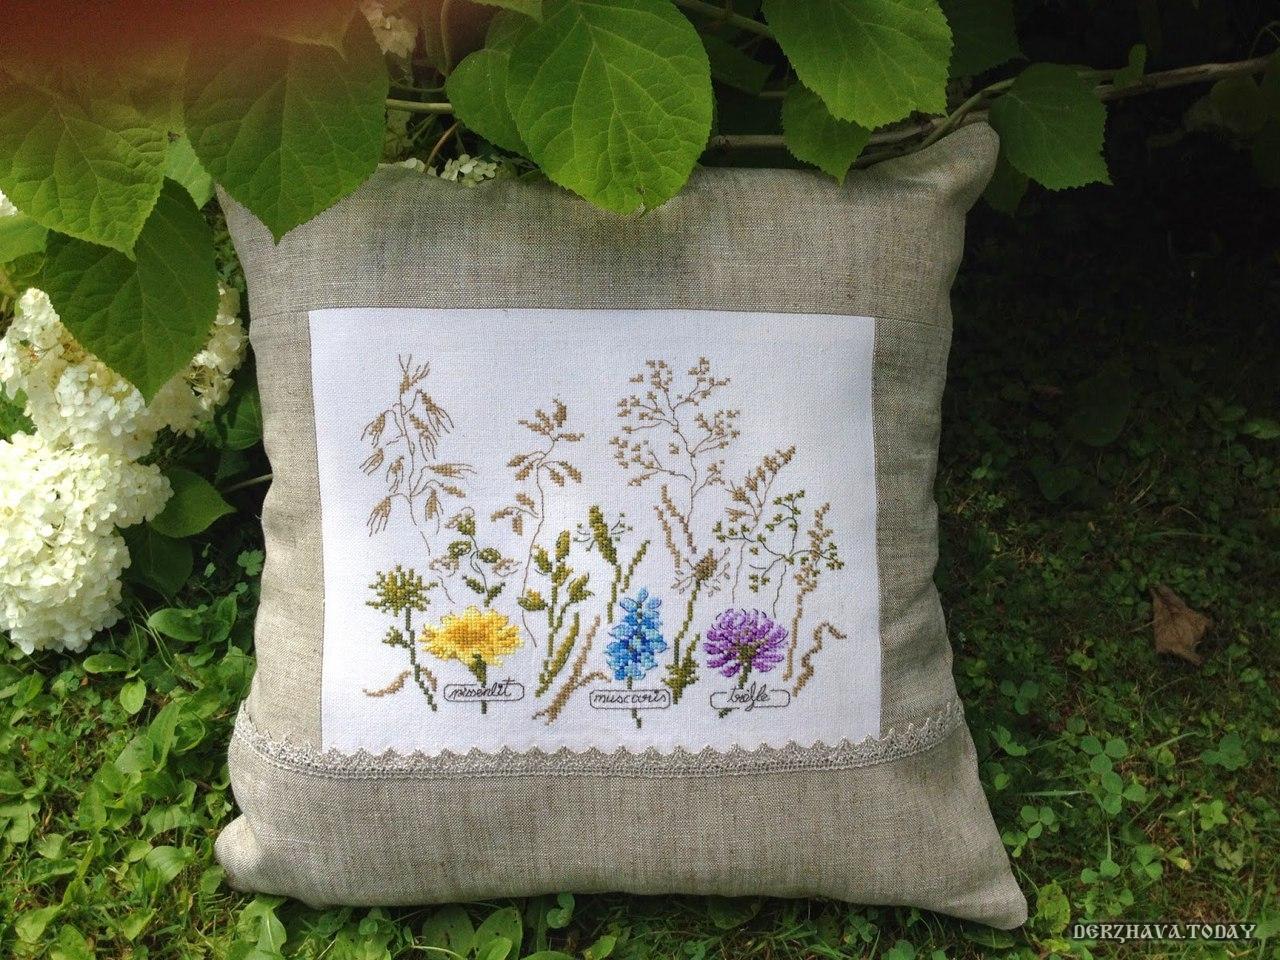 Матрасы и подушки из крапивы, кипрея и других лечебных трав